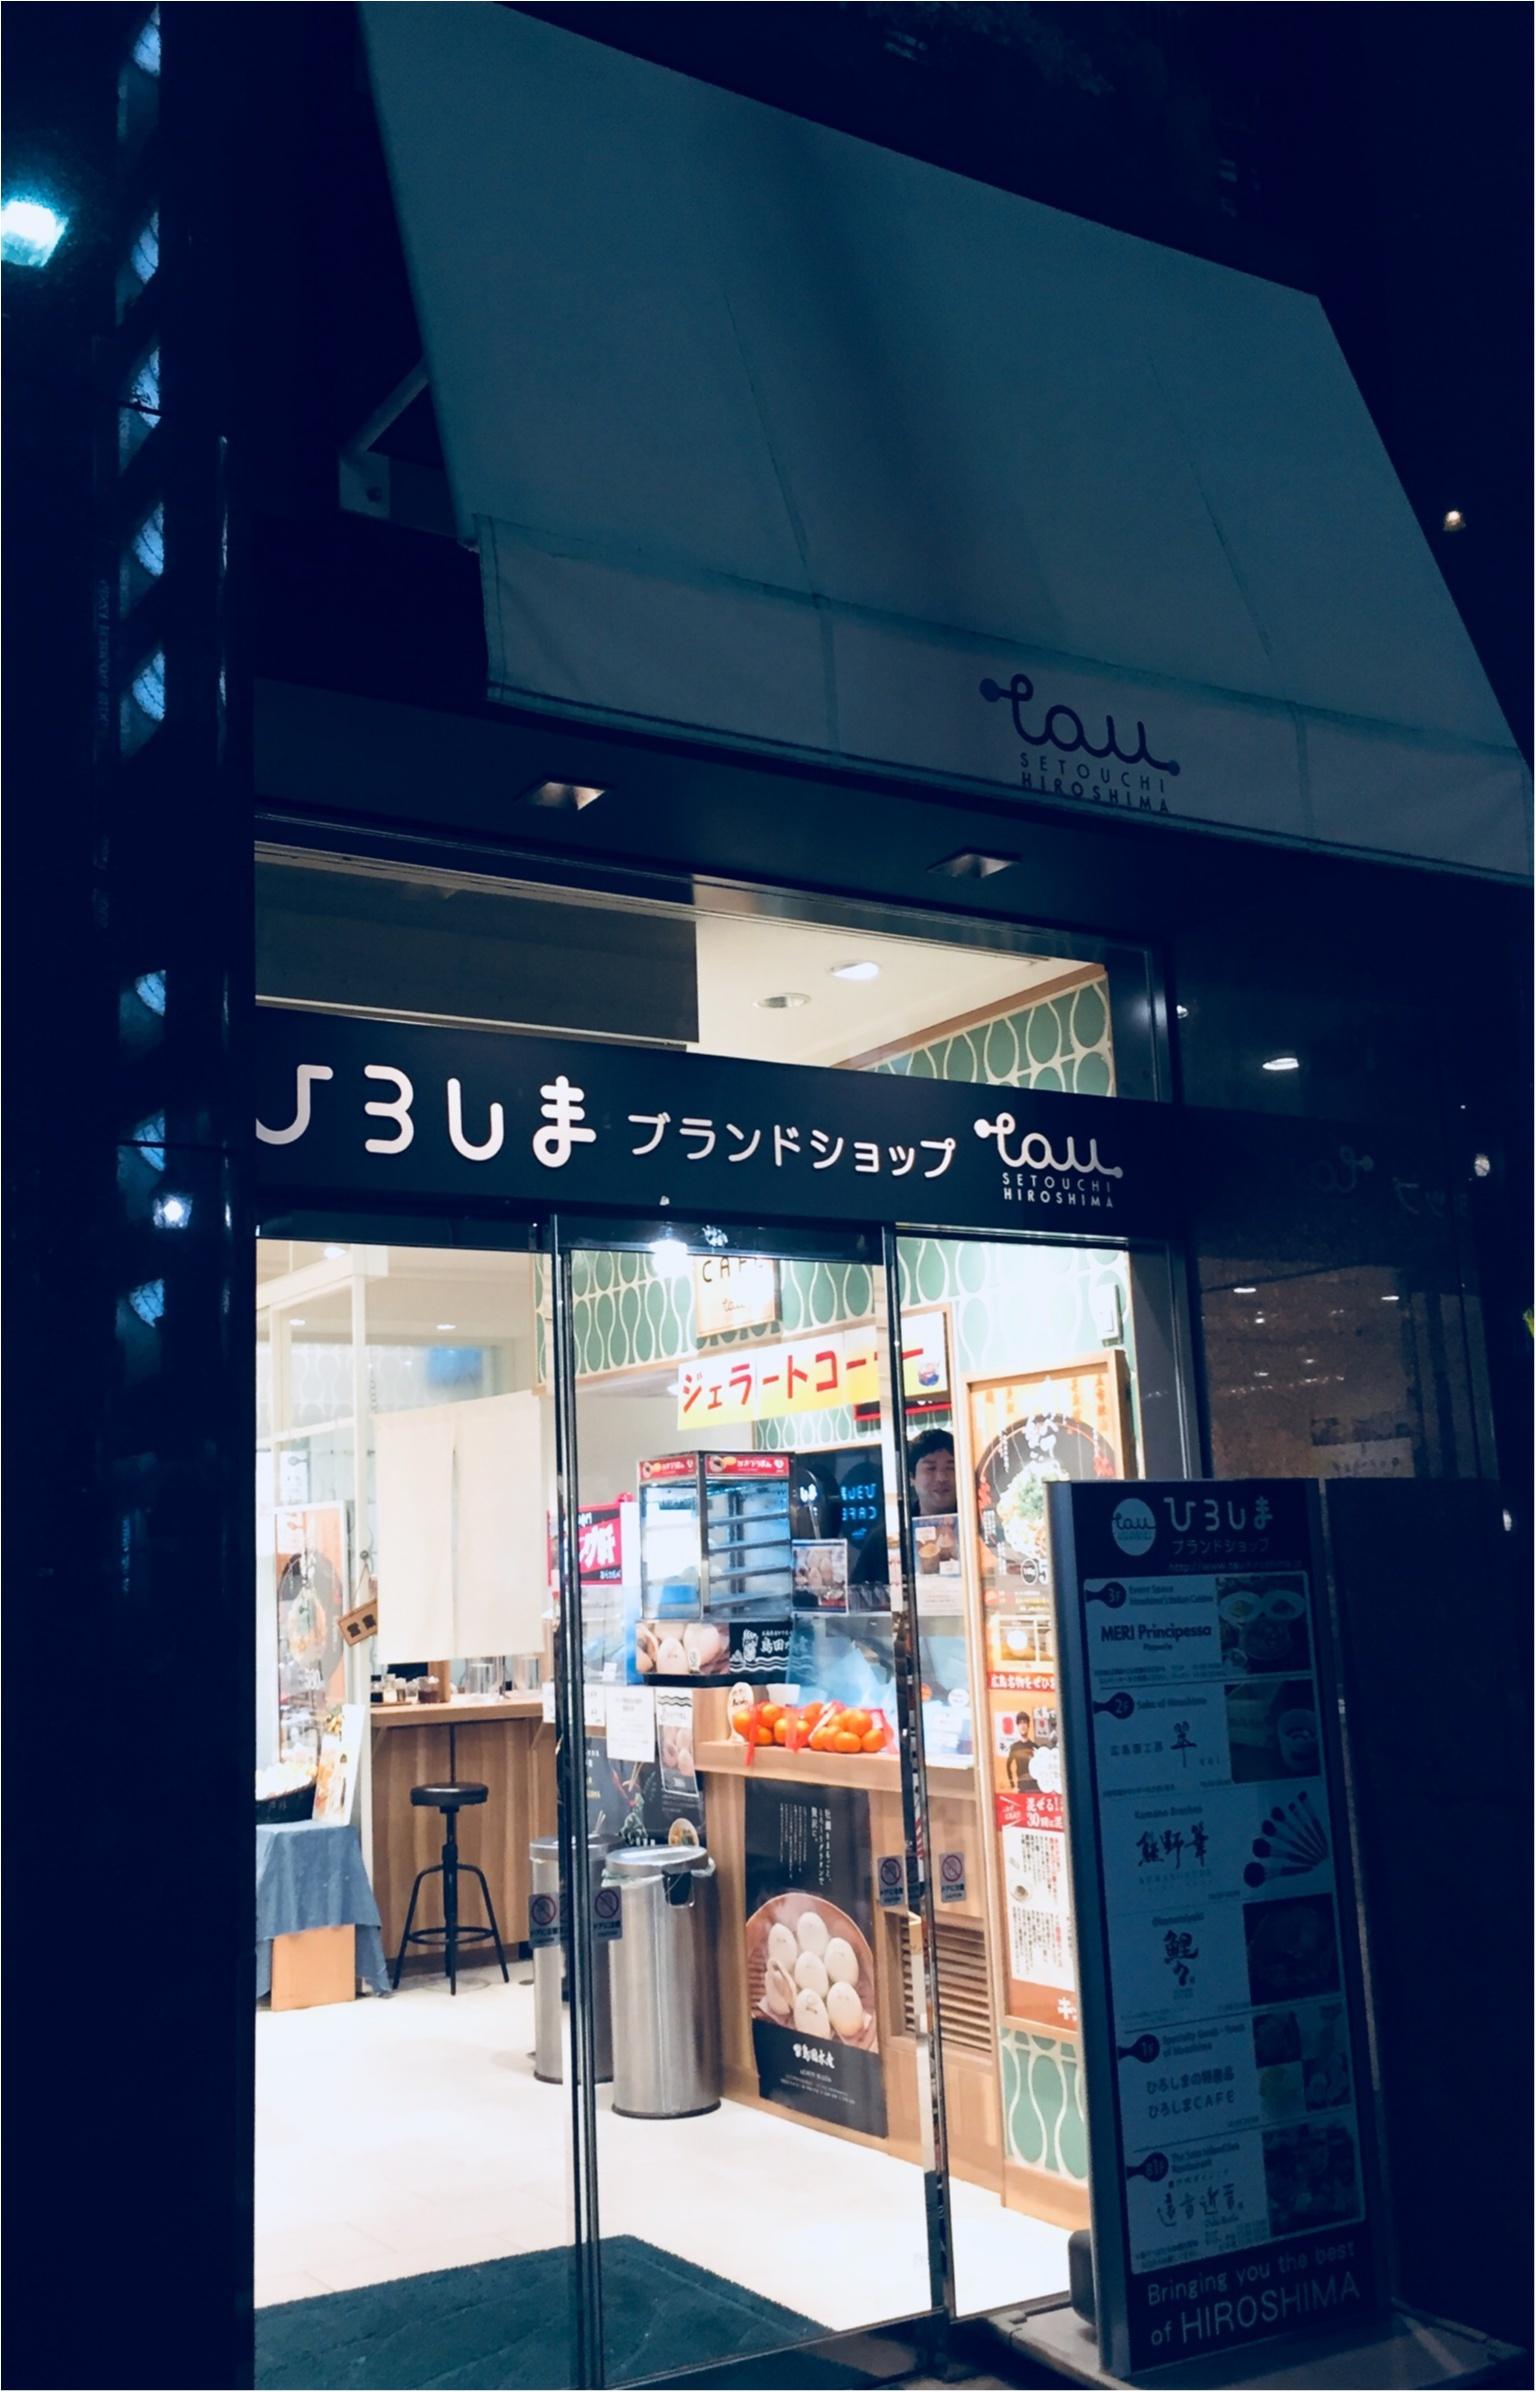 【銀座にいながら広島を満喫】ご当地名物・ご当地グッズ揃ってます!広島ブランドショップTau-たう-へ皆さん行ってみて〜❤︎_2